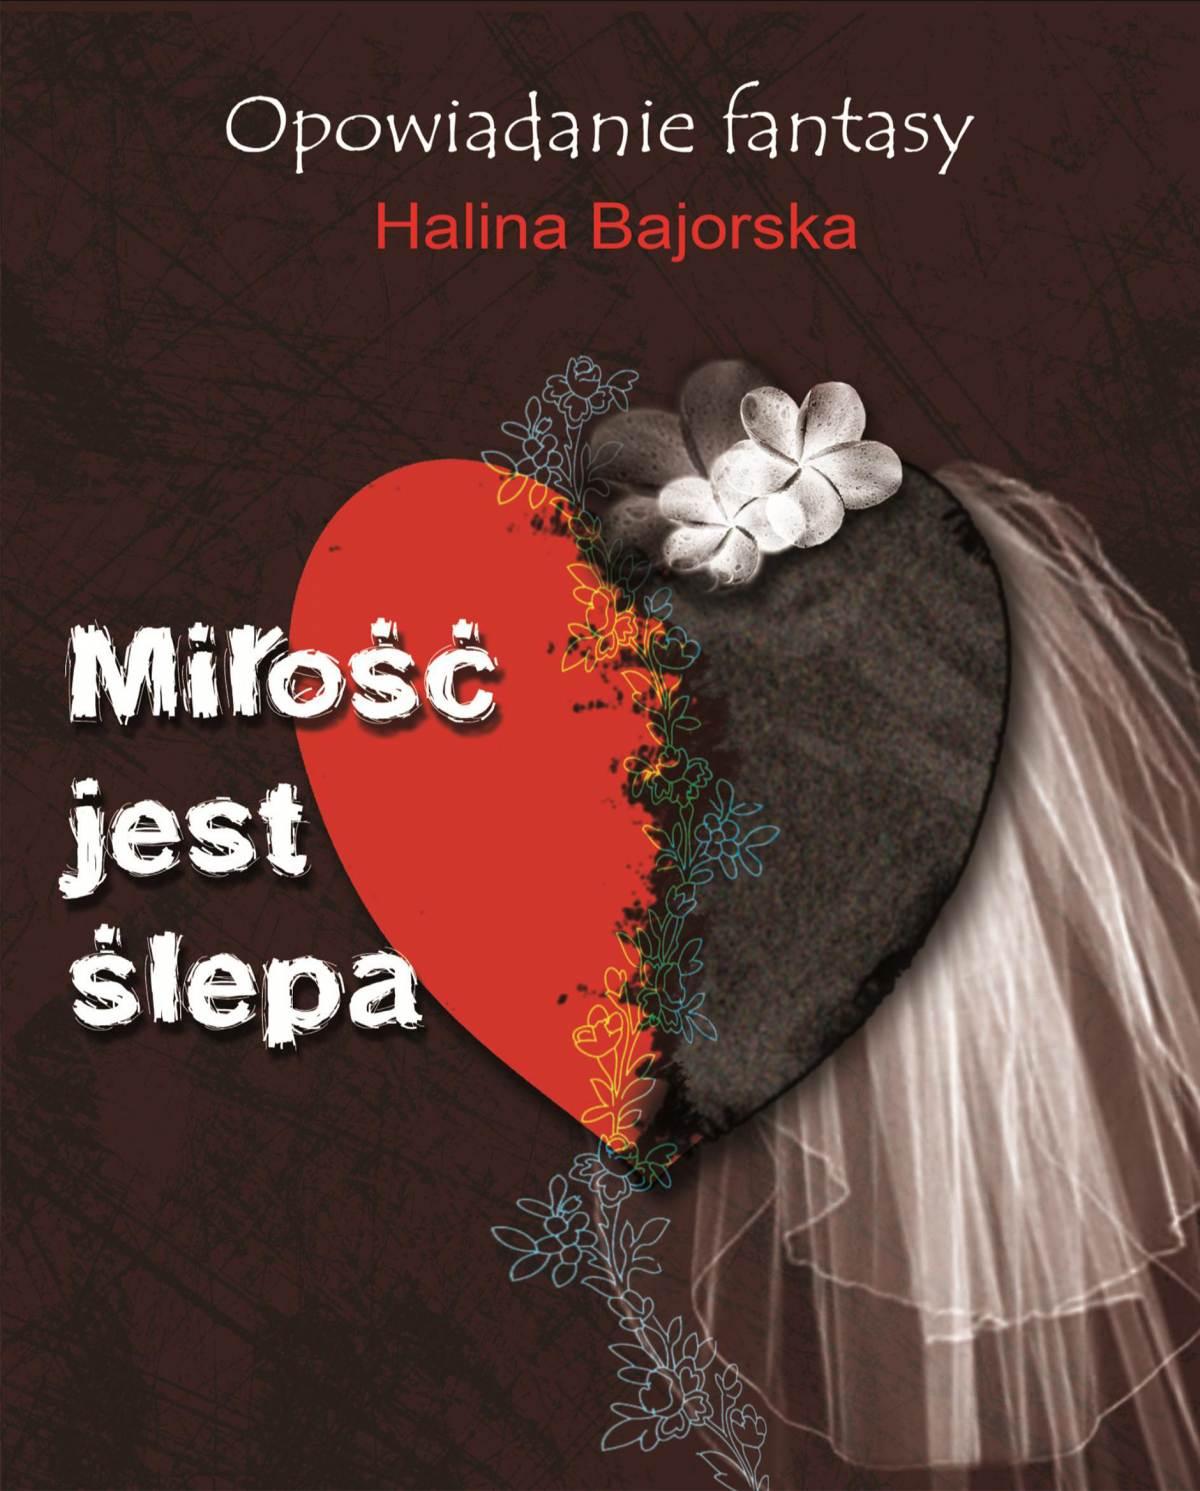 Miłość jest ślepa - Ebook (Książka EPUB) do pobrania w formacie EPUB